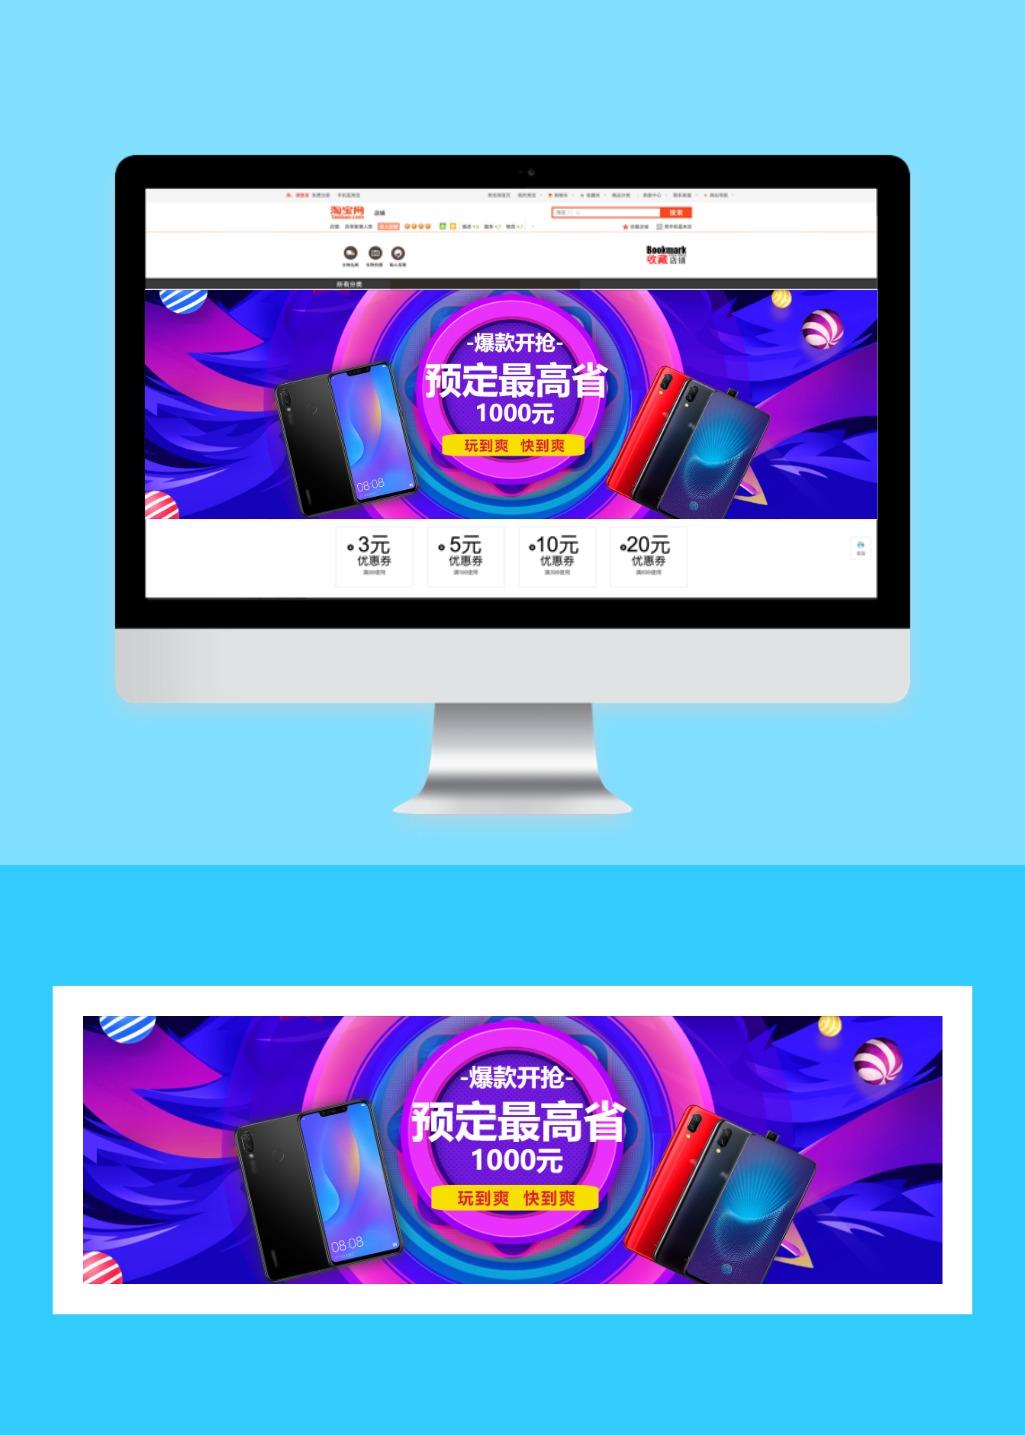 双11商务科技百货零售手机商城促销电商banner